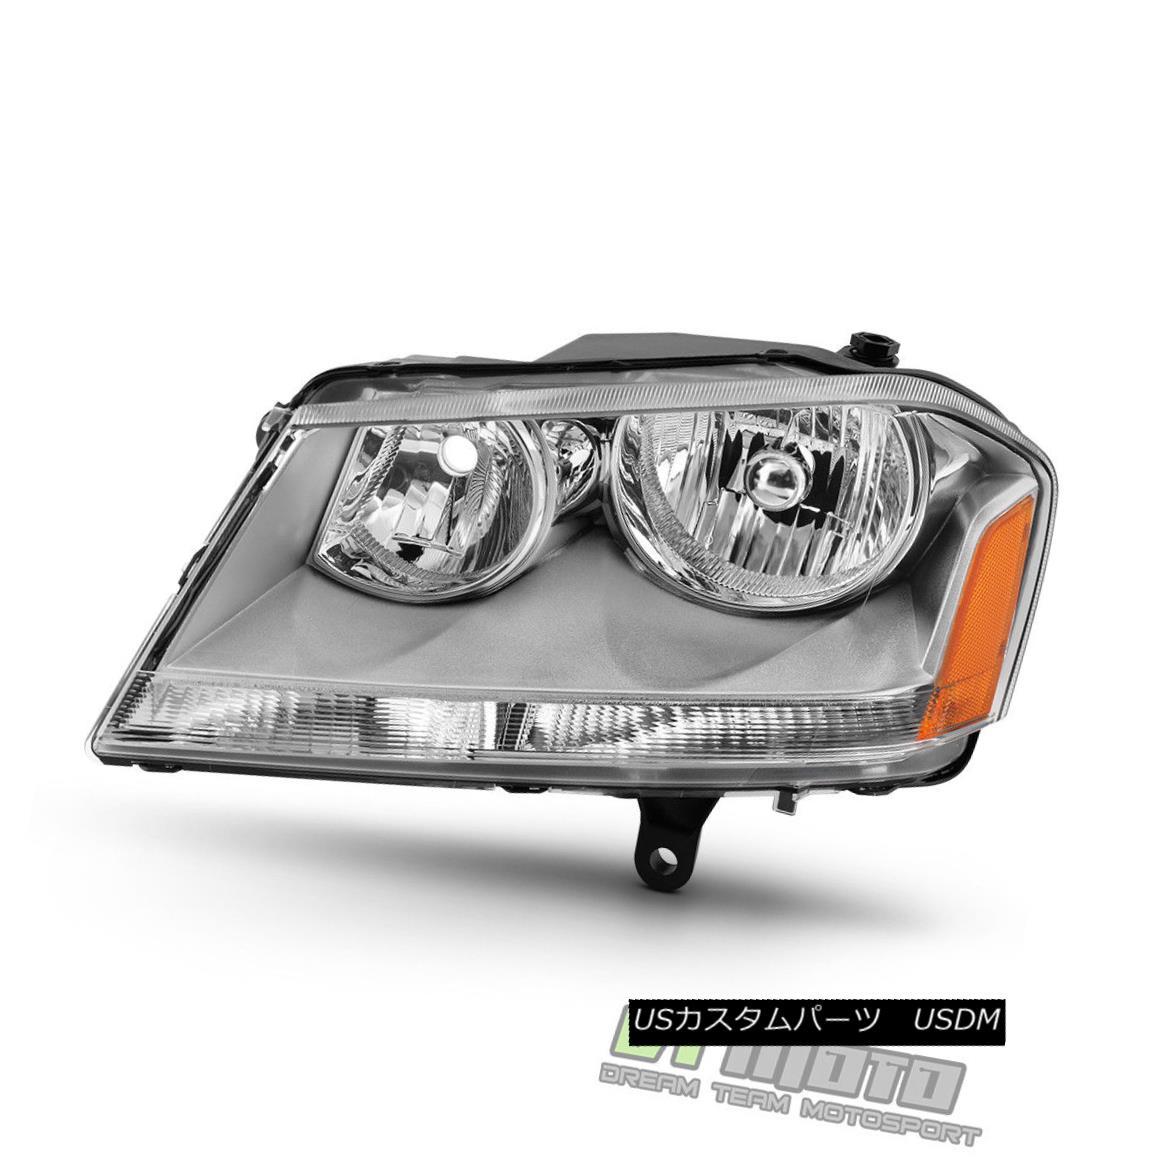 ヘッドライト Replacement 2008-2014 Dodge Avenger Headlight Headlamp 08-14 Left Driver Side LH 交換2008-2014ダッジアヴェンジャーヘッドライトヘッドランプ08-14左ドライバサイドLH